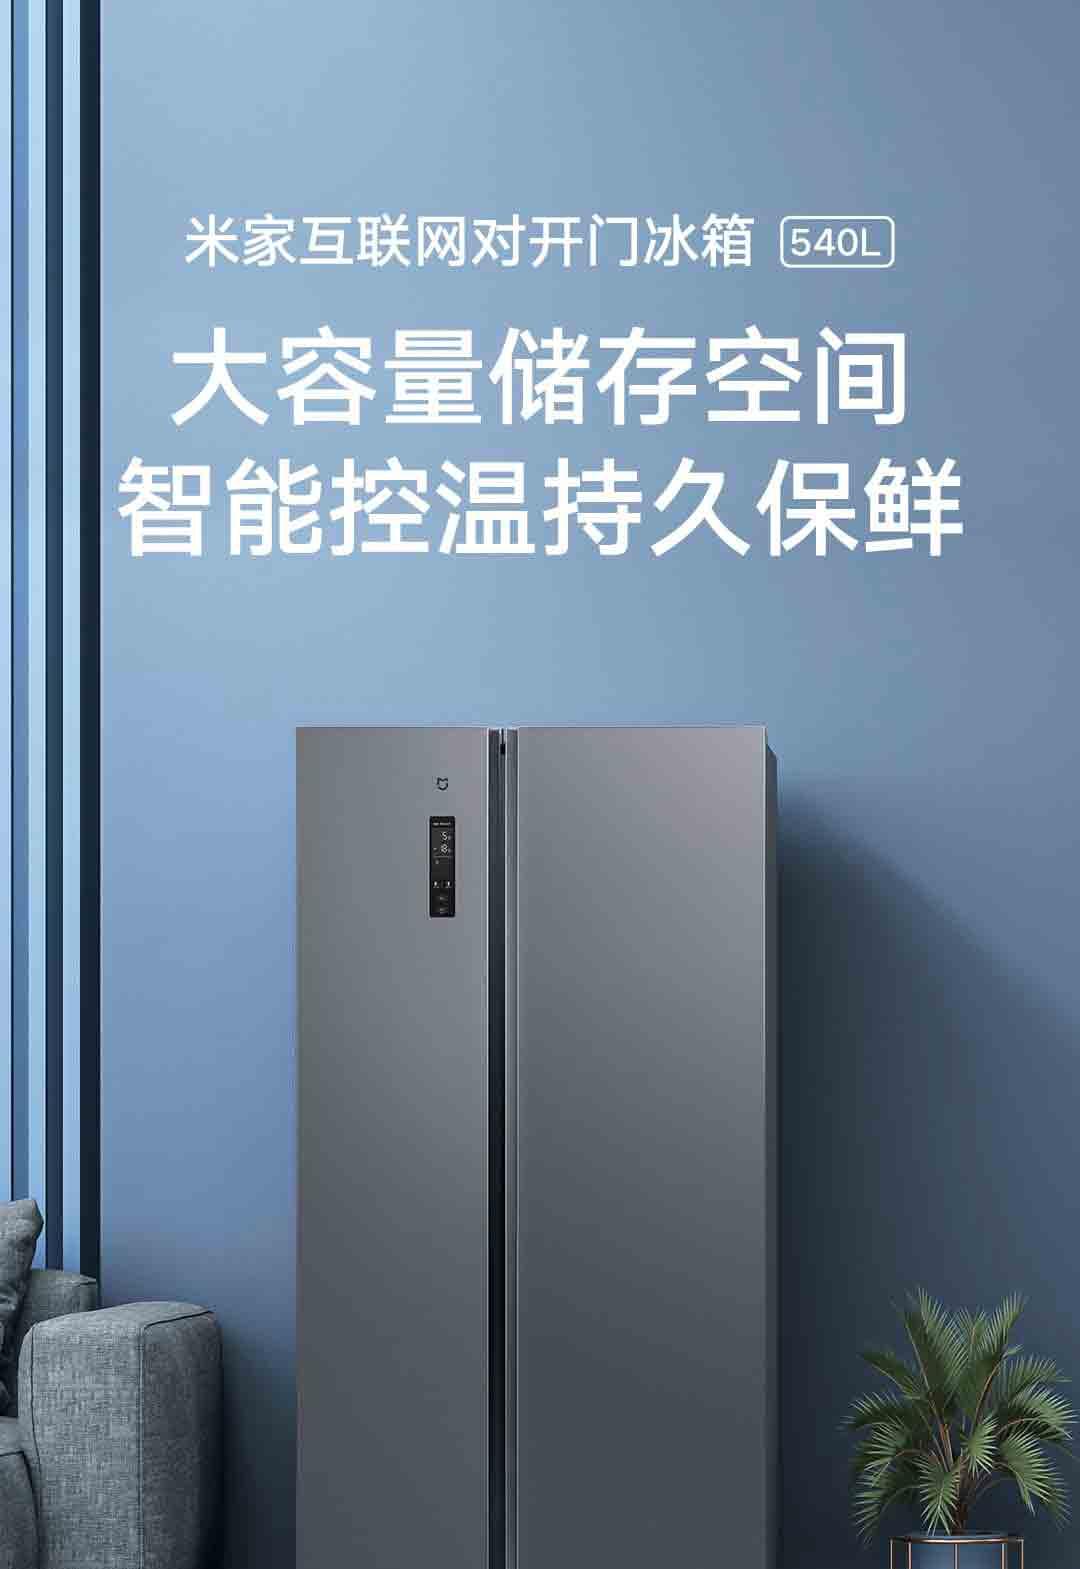 Xiaomi представила свой самый большой холодильник